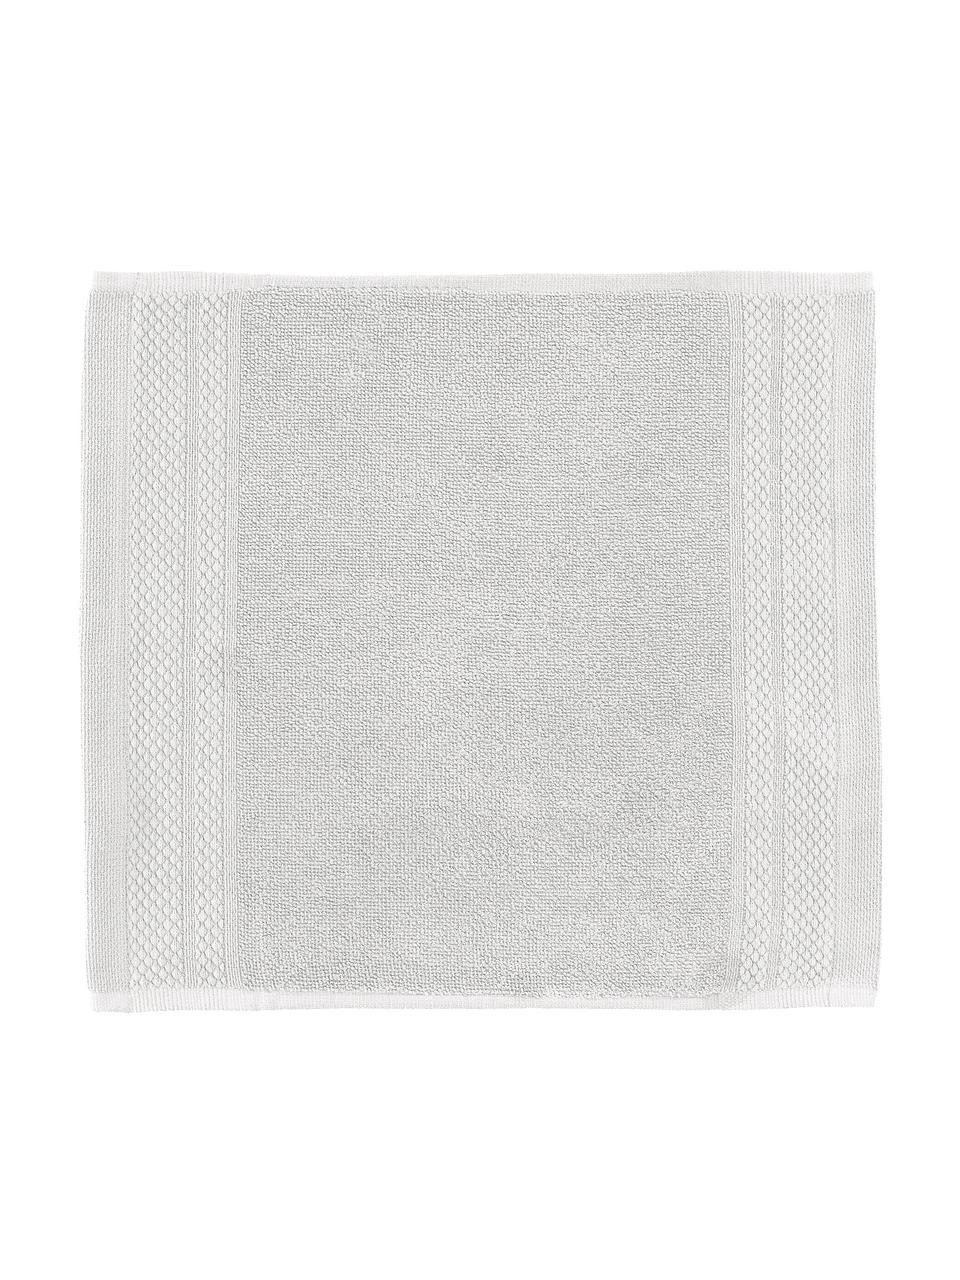 Asciugamano in varie dimensioni con bordo decorativo classico Premium, Grigio chiaro, Larg. 30 x Lung. 30 cm